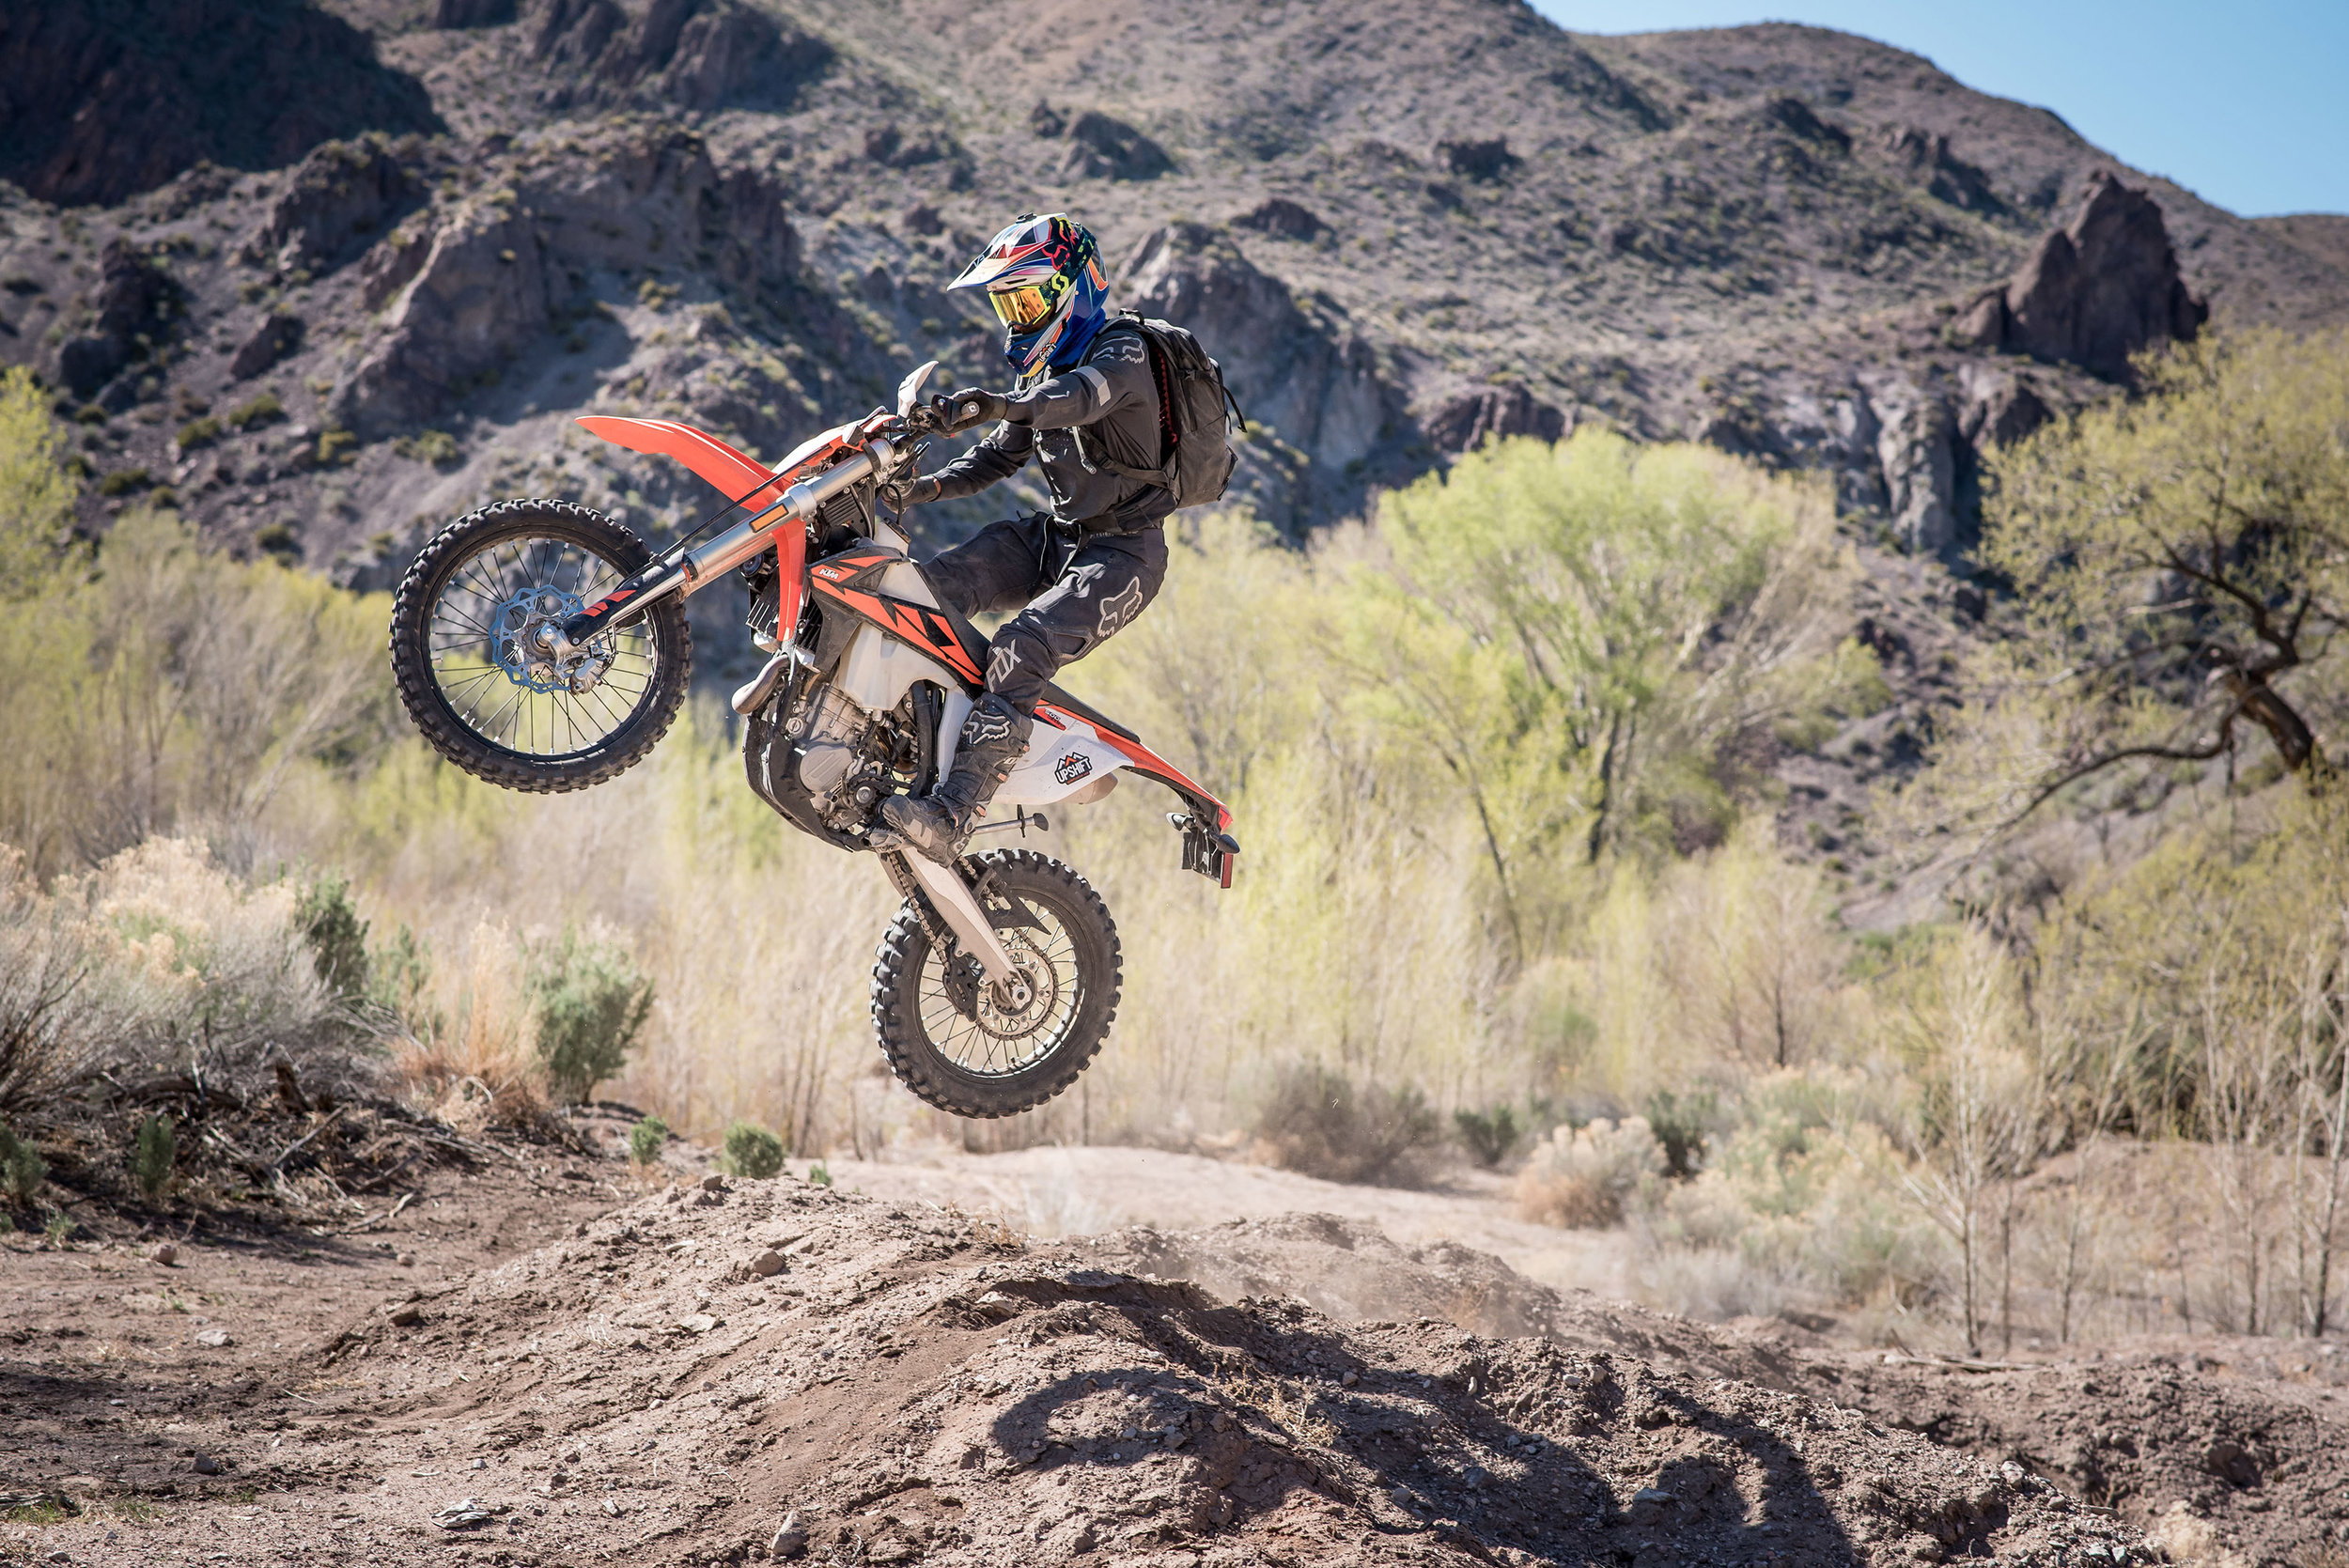 Nevada200-2018-Cudby0044.JPG